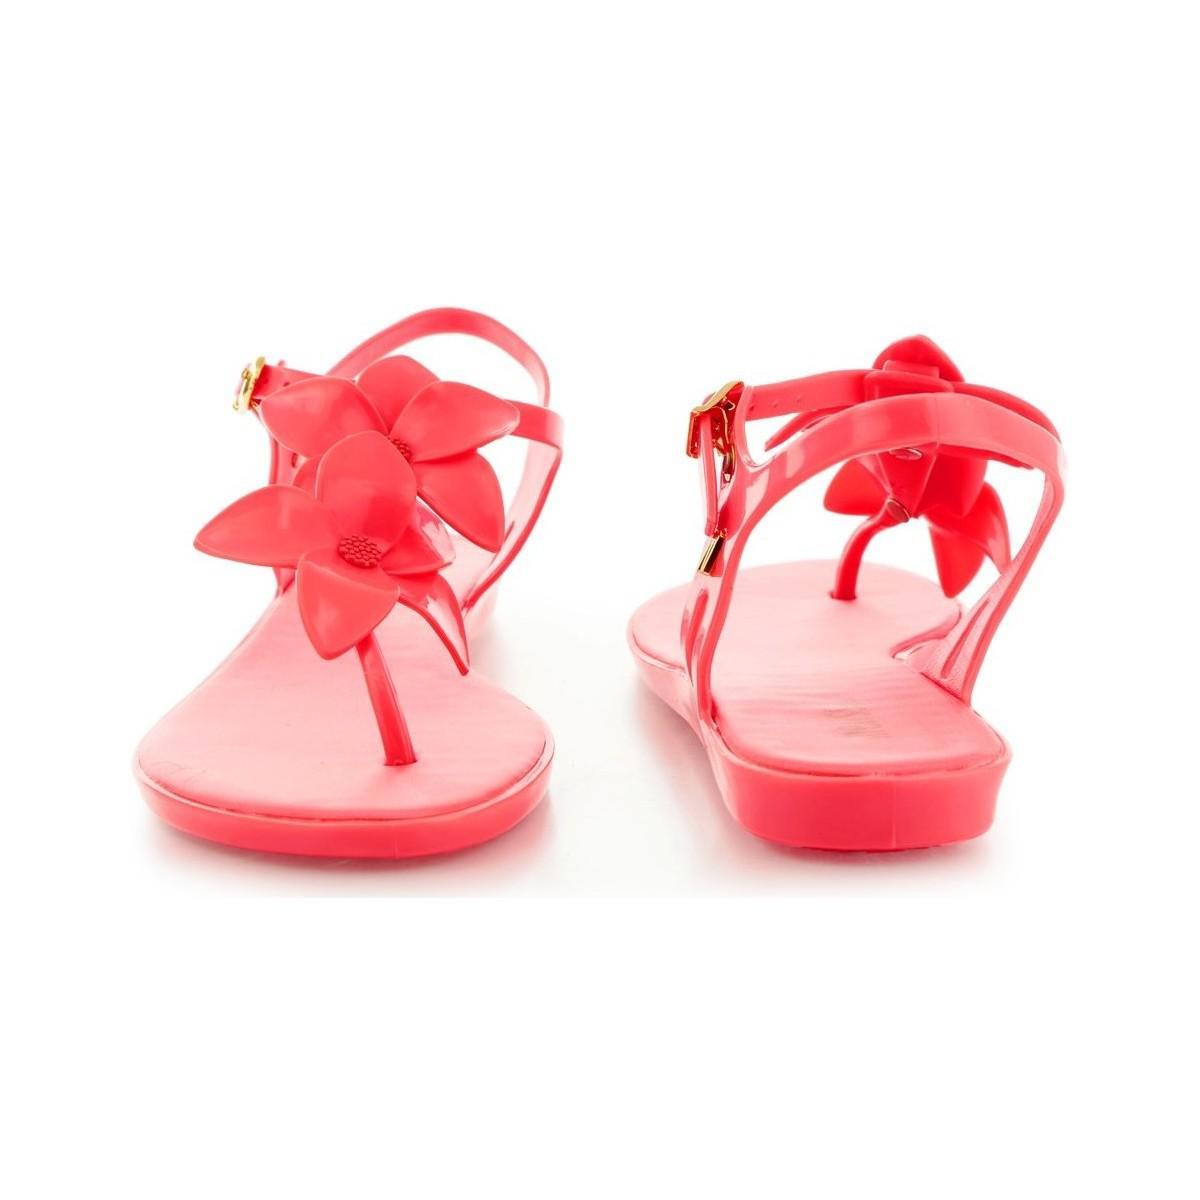 4f6cc121da2 Melissa Solar Garden Ii Women s Sandals In Pink in Pink - Lyst